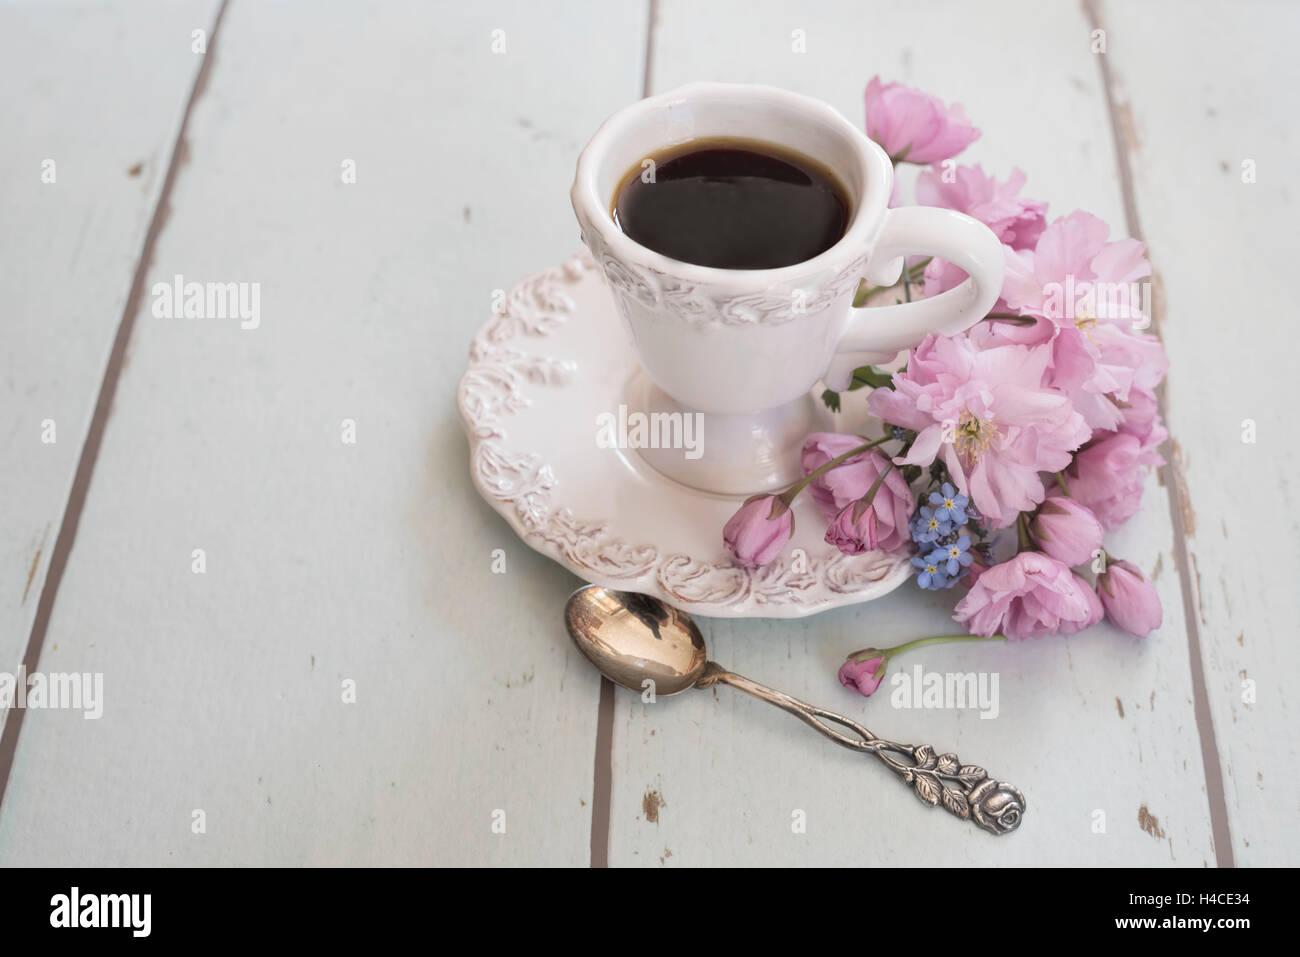 Arreglo Floral Con Taza De Café Café Plata Blanca Pequeña